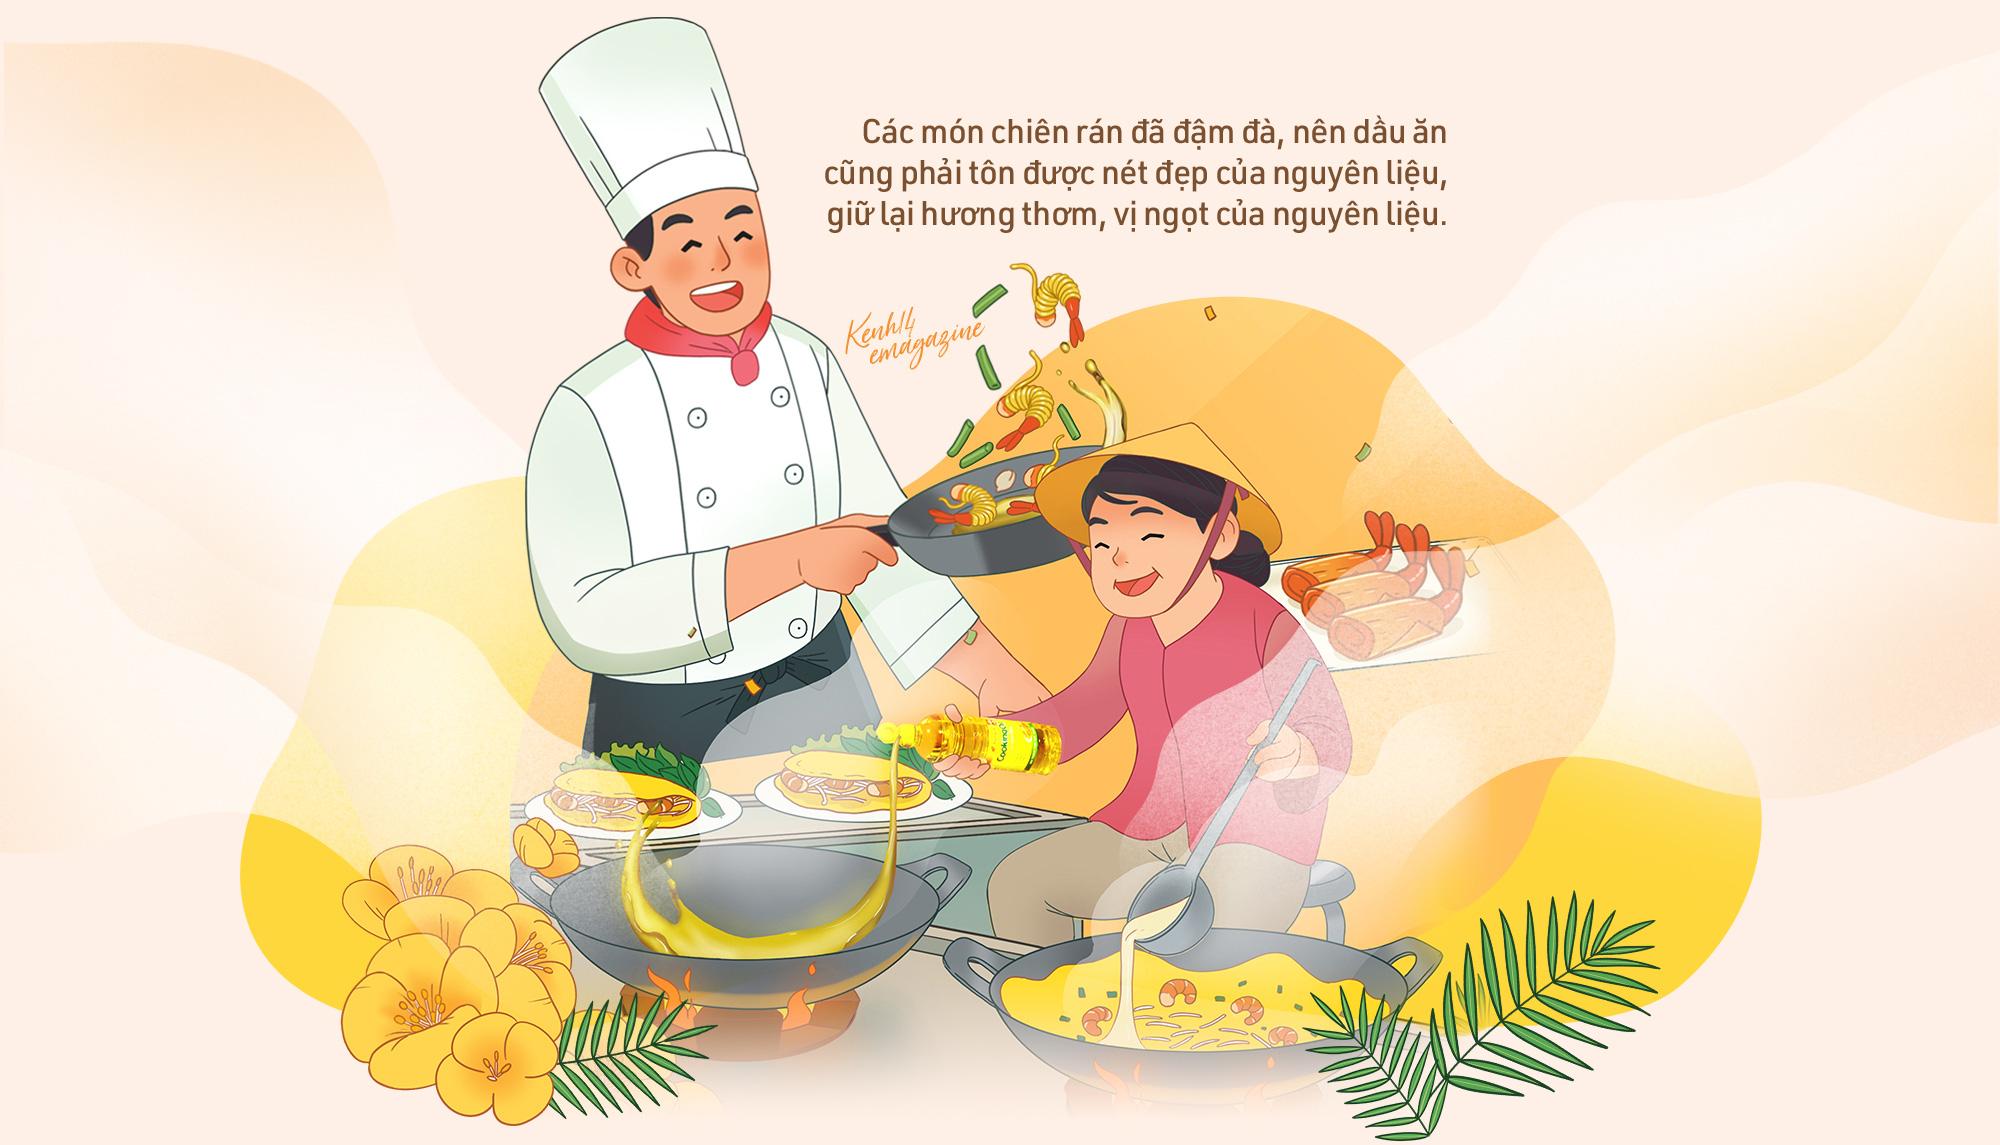 Bản đồ ẩm thực Việt chưa bao giờ thiếu những món chiên rán giòn ngon mà vùng nào cũng có, bí mật nằm ở đâu? - Ảnh 6.